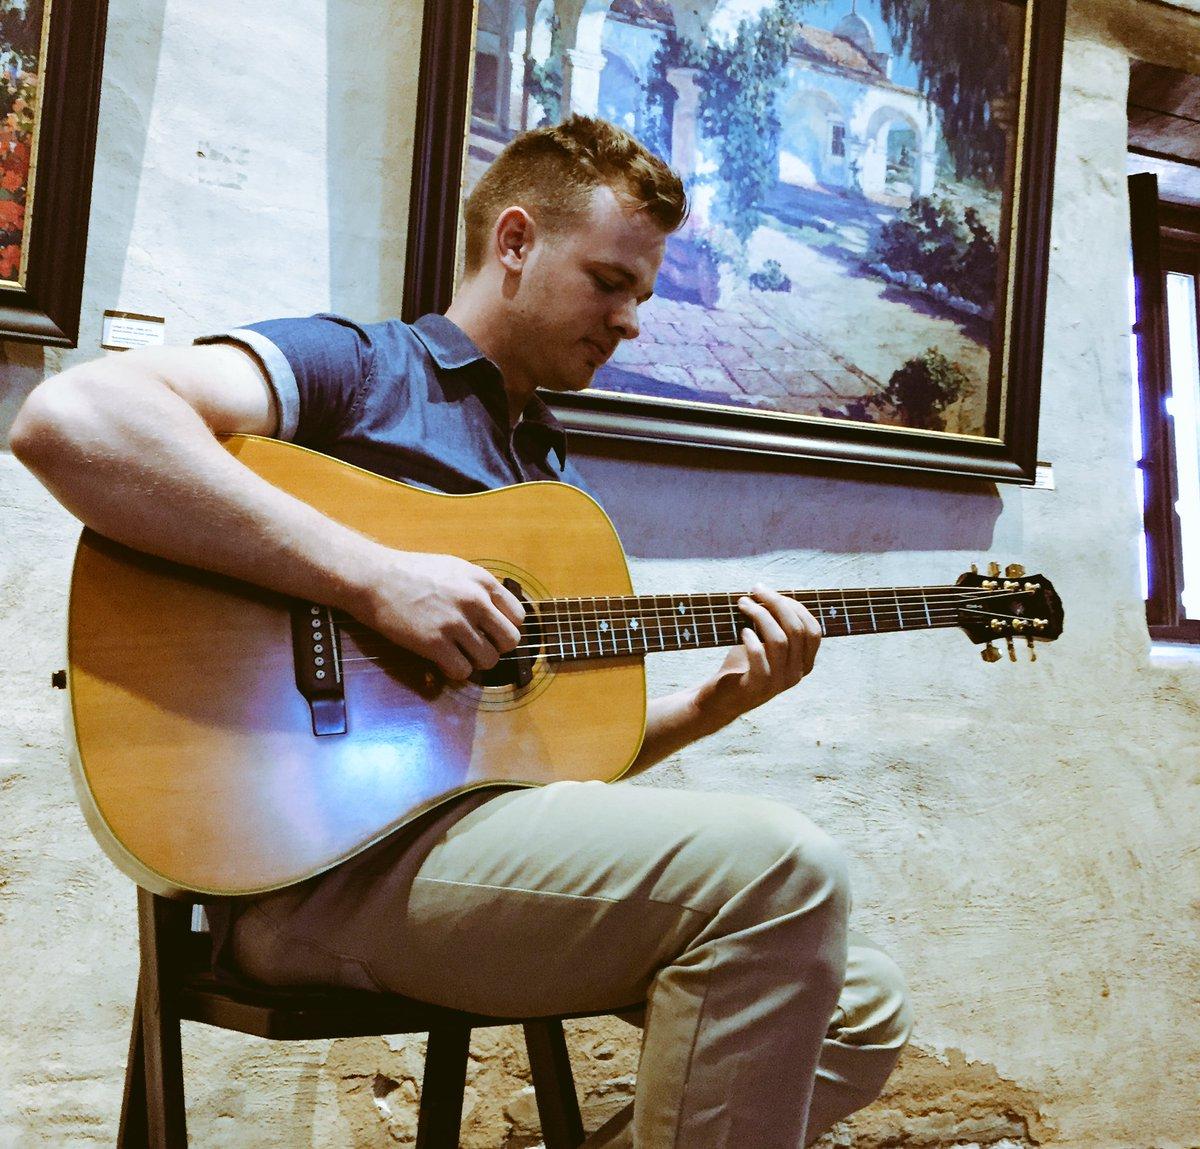 @ClarkBeckham performing at @MissionSJC #missionsjc https://t.co/jD11z0aZis